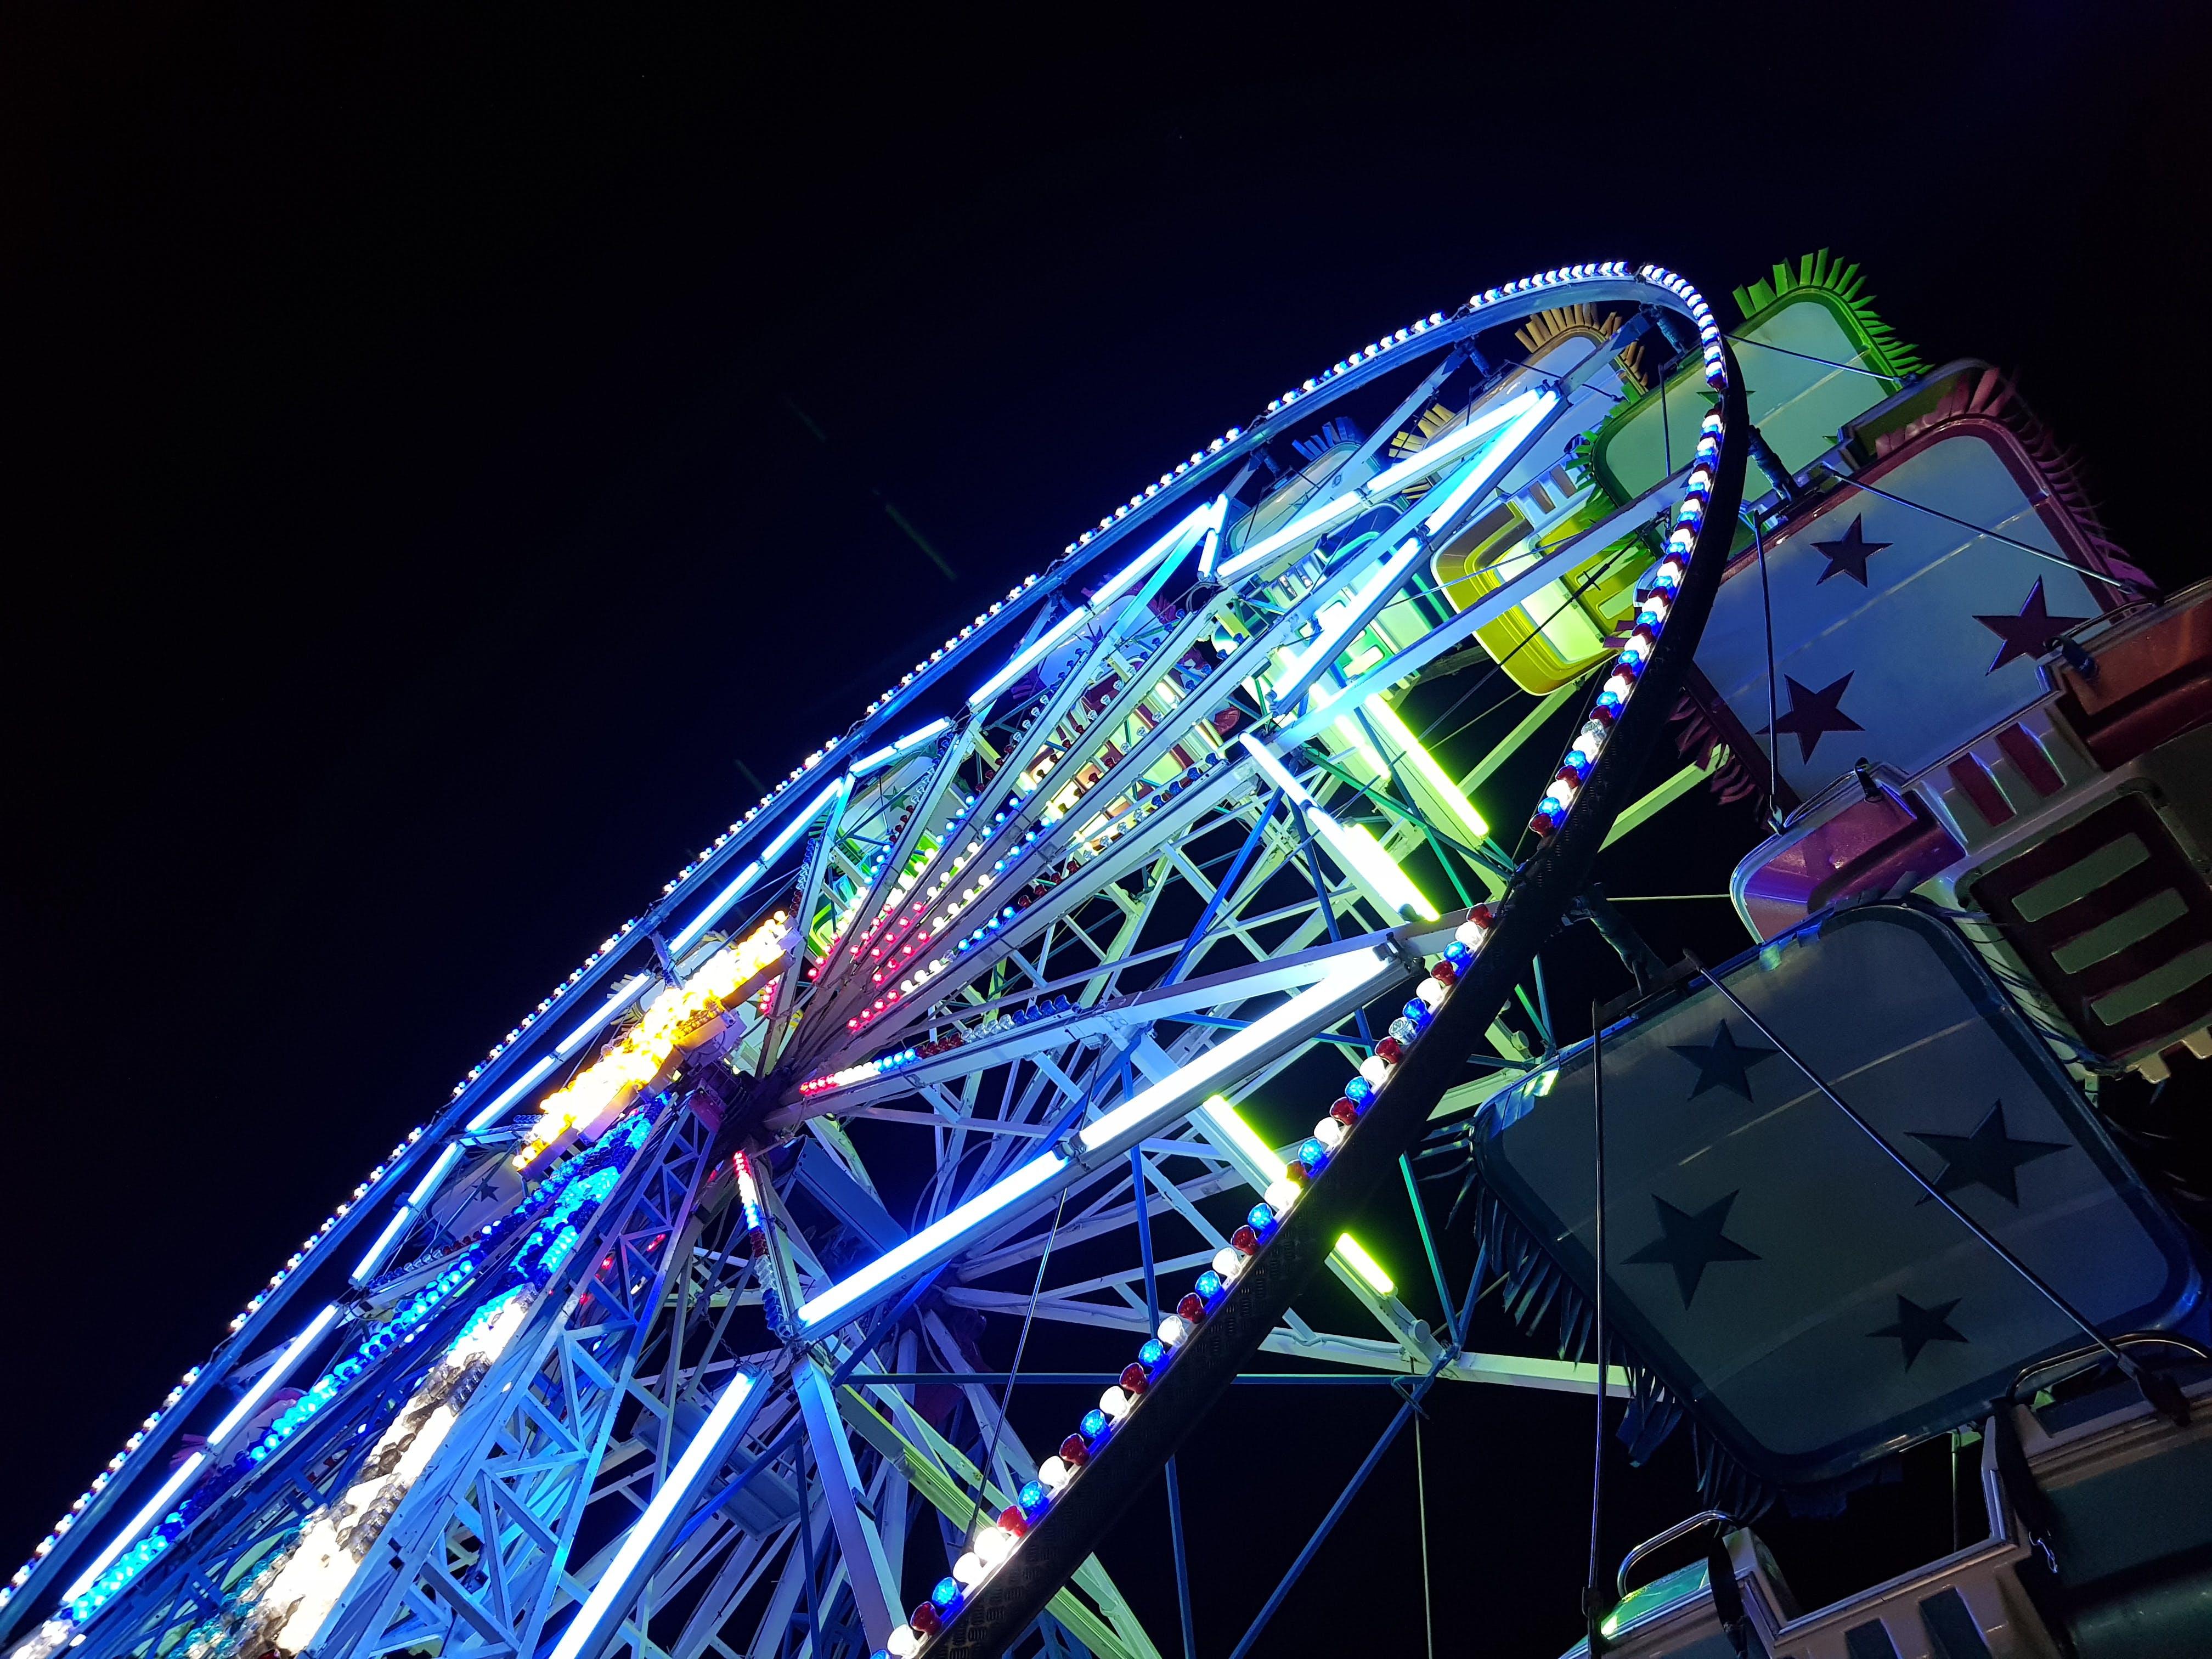 Photos gratuites de aire de jeux, amusement, attractions, beau temps